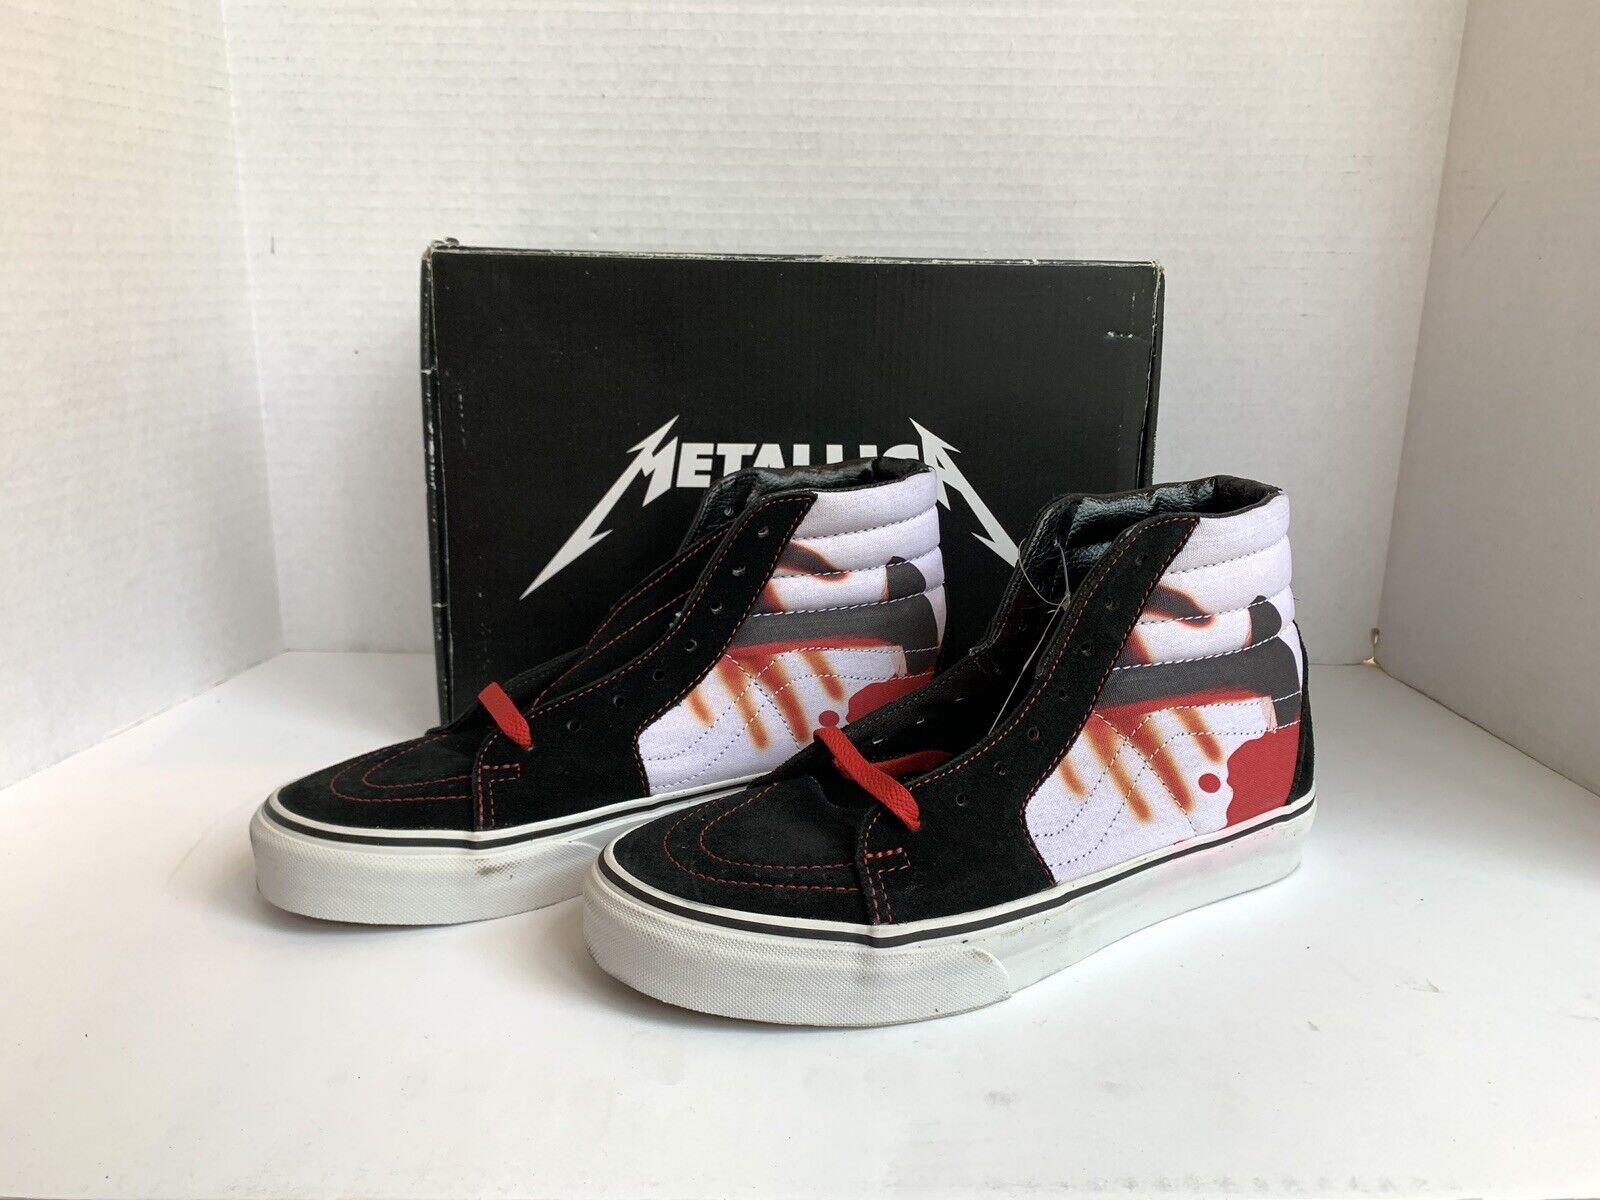 Vans Sk8-Hi Metallica Kill'em All  Neuf avec étiquettes pour homme taille 8 9.5 W